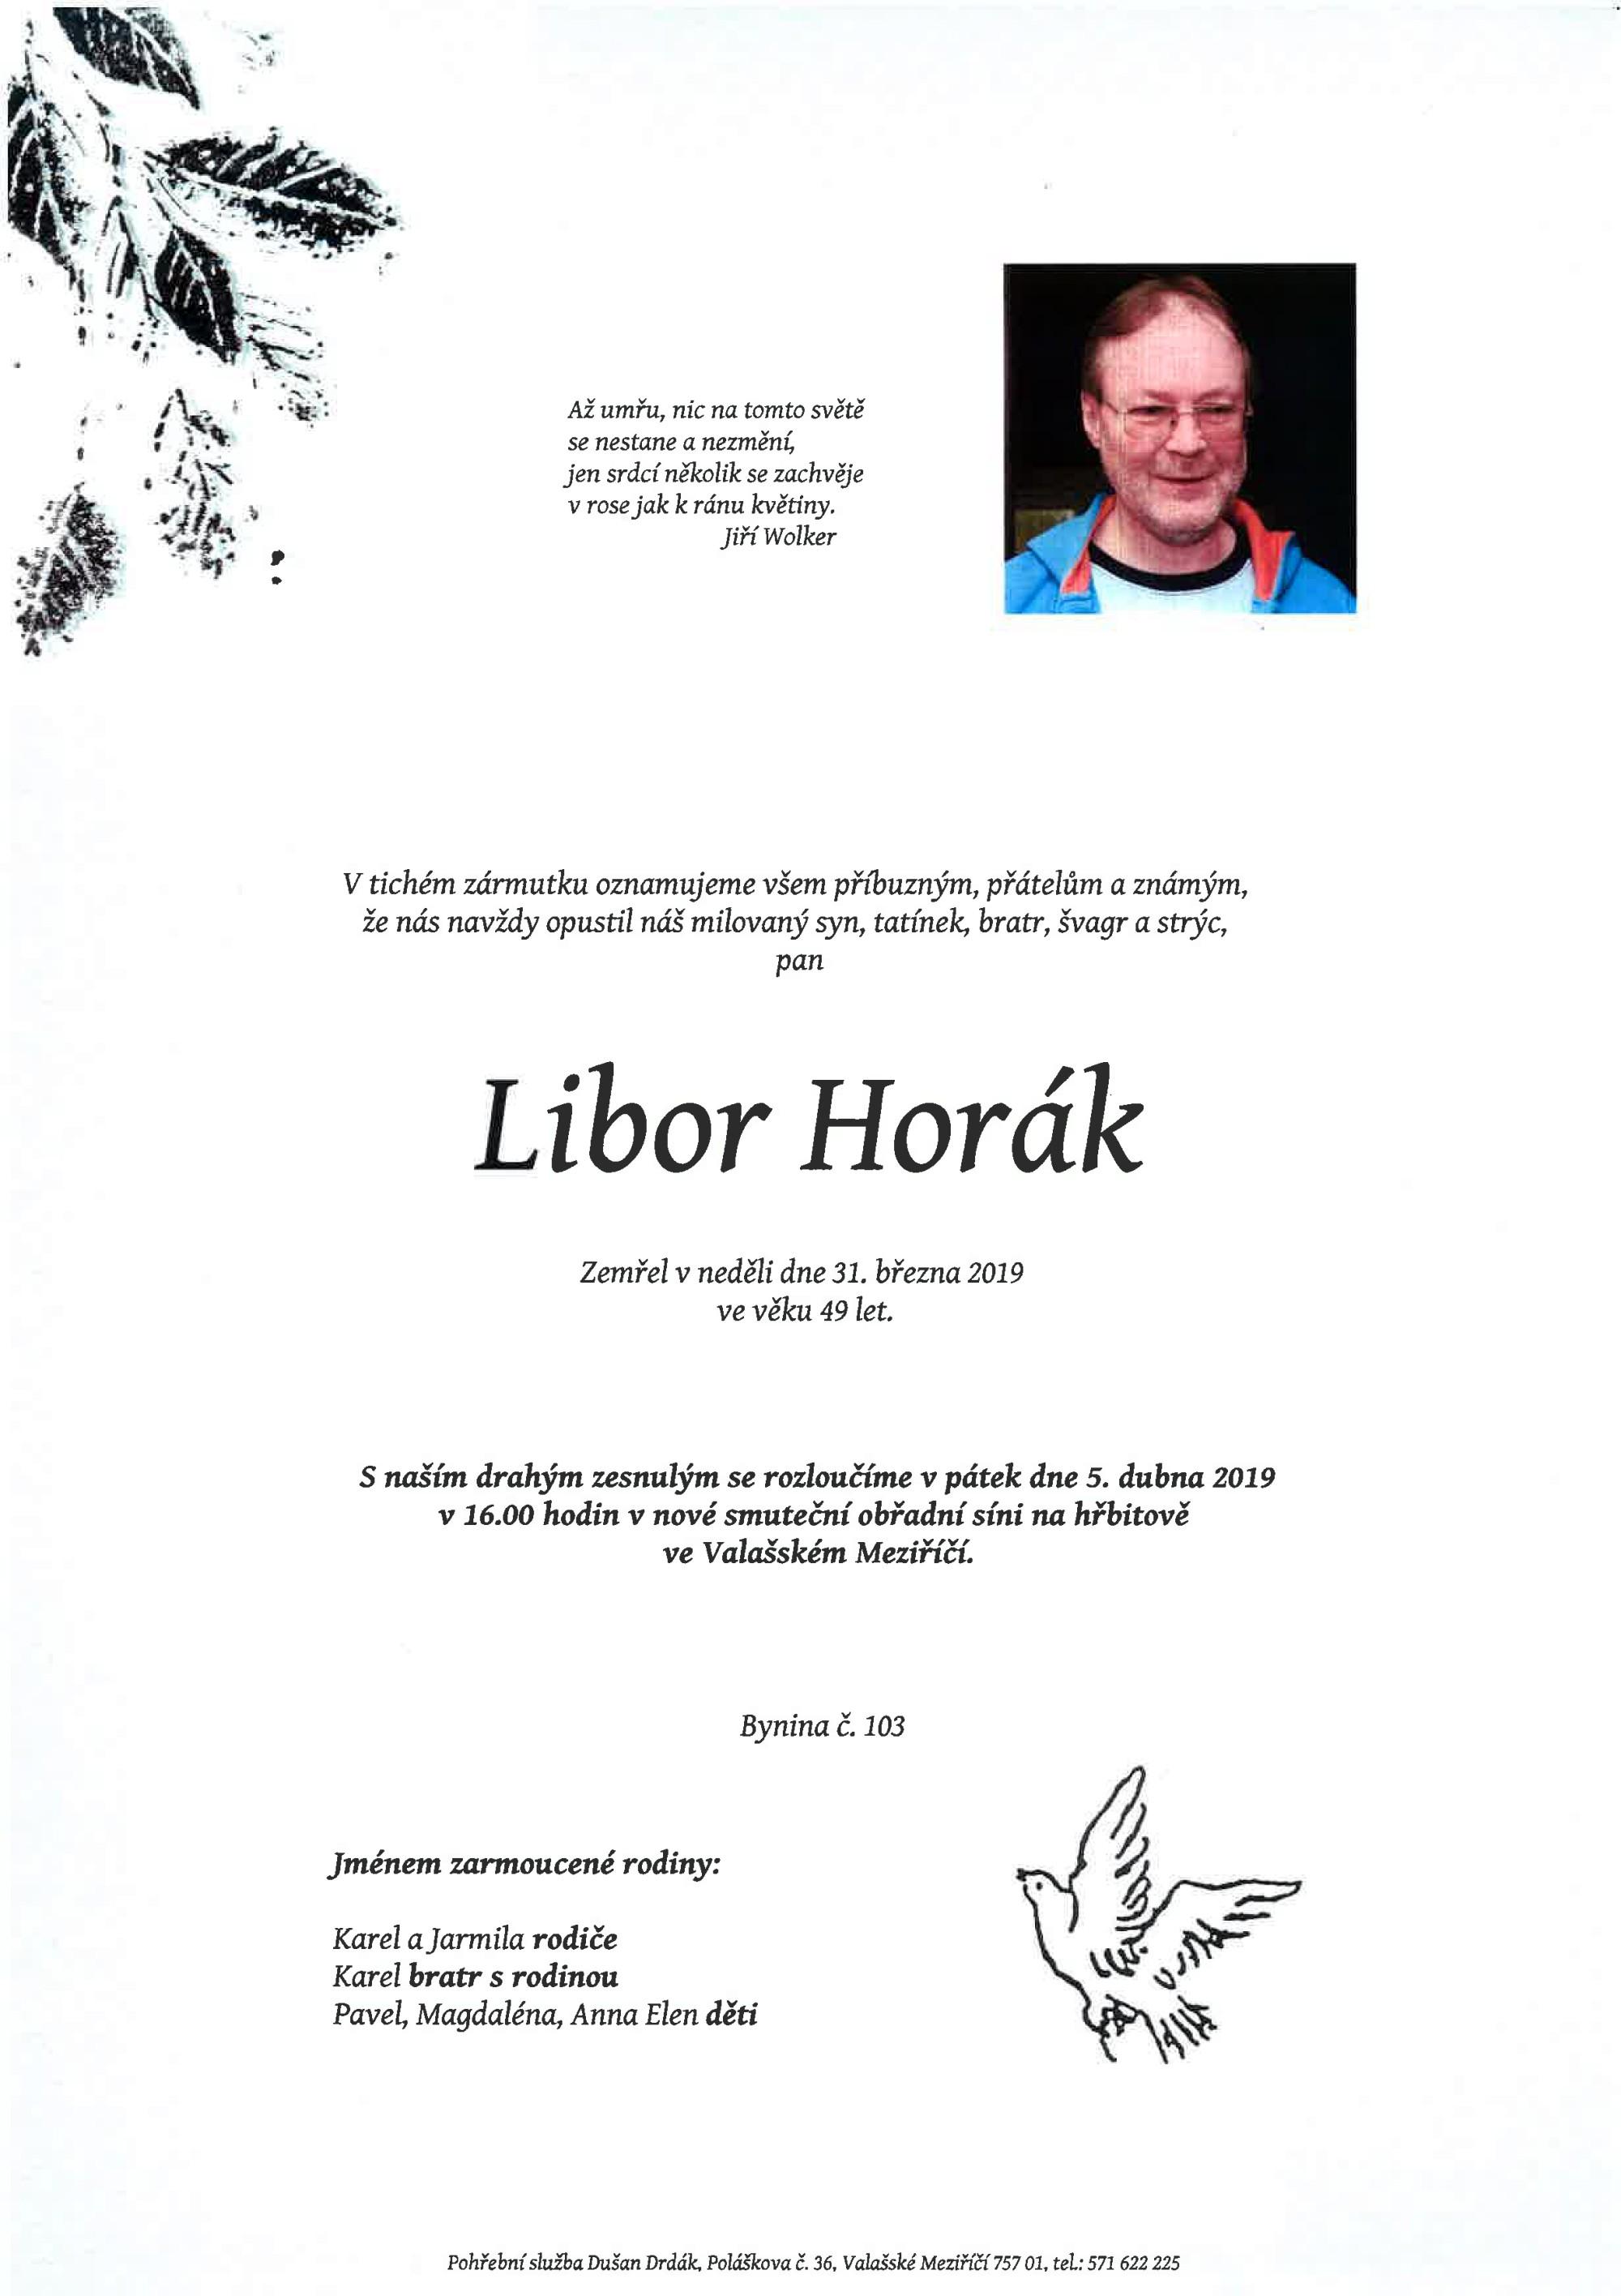 Libor Horák